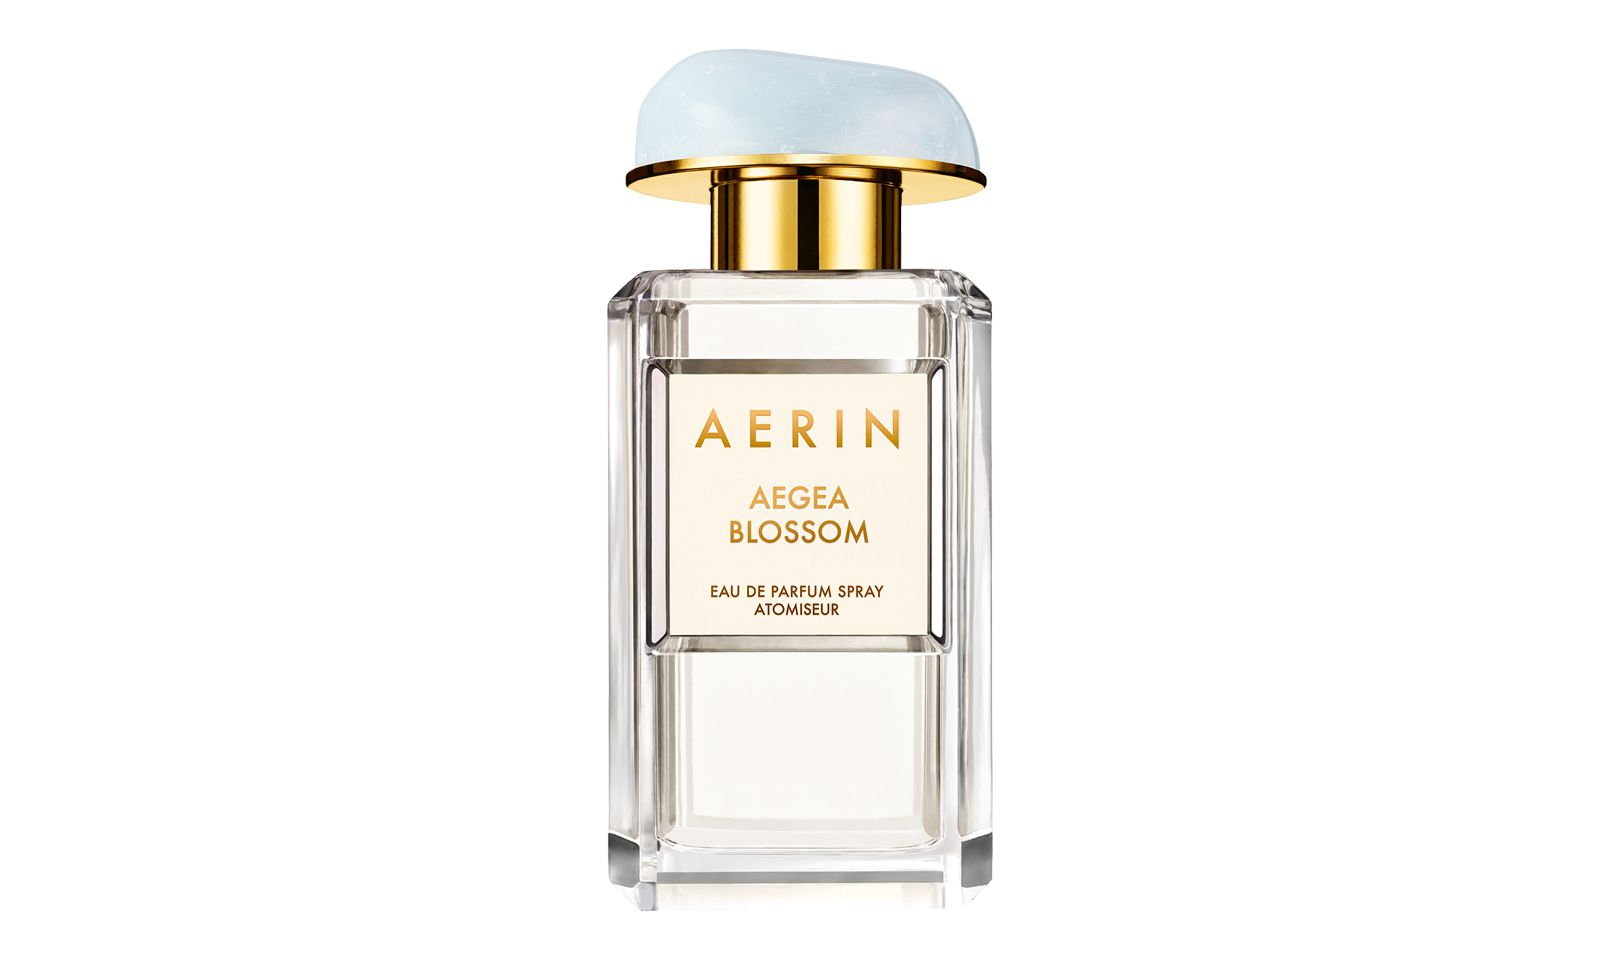 """Meerblick. Der neue Duft von Aerin heißt """"Aegean Blossom"""" und ist eine sommerlich- florale Komposition (50 ml Eau de Parfum um 104 Euro)."""